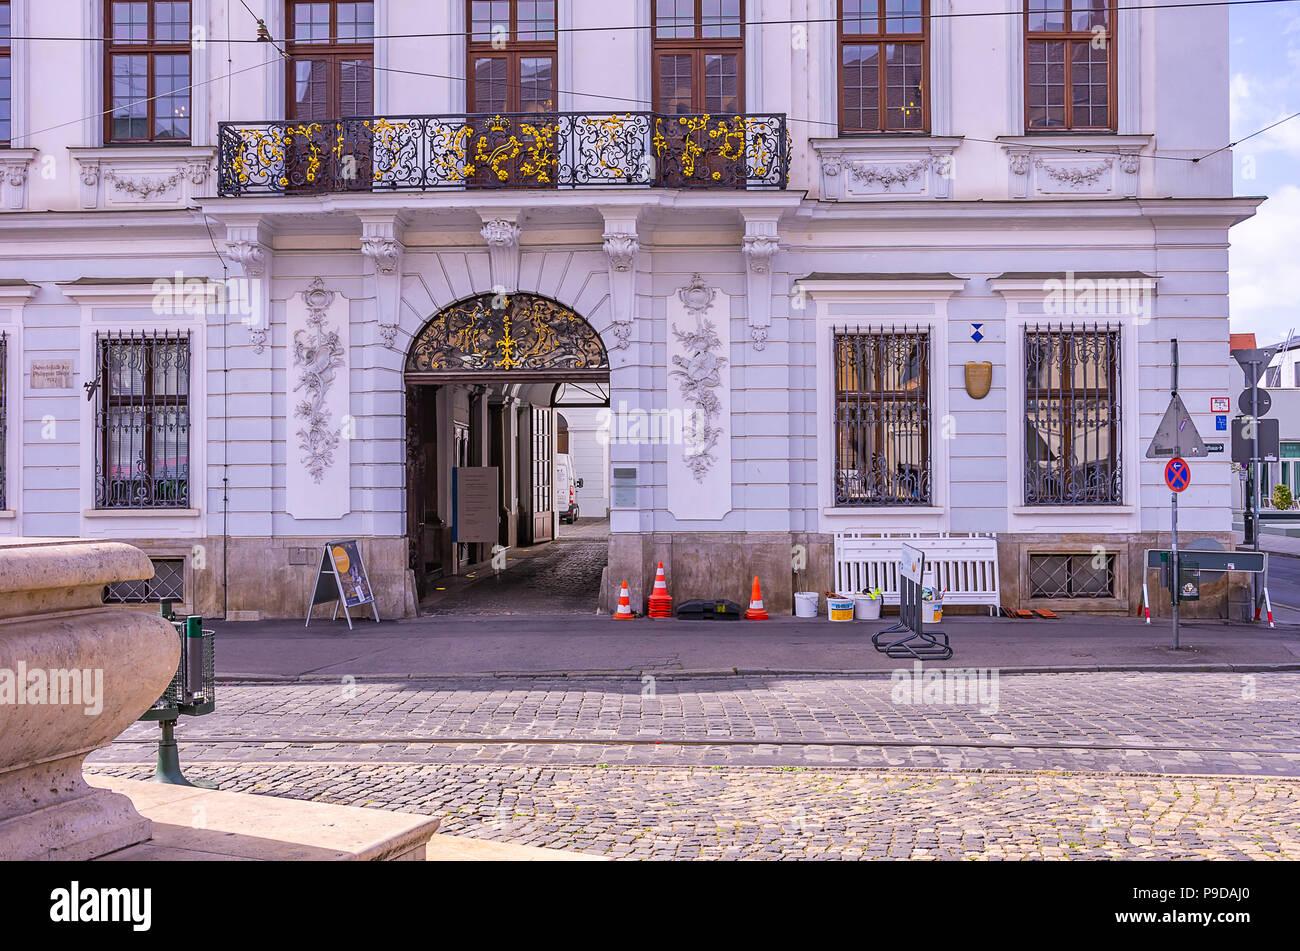 Augsburg, Bayern, Deutschland - Das Schaezlerpalais in der Nähe des Herkules Brunnen auf Maximilian Straße. Stockfoto